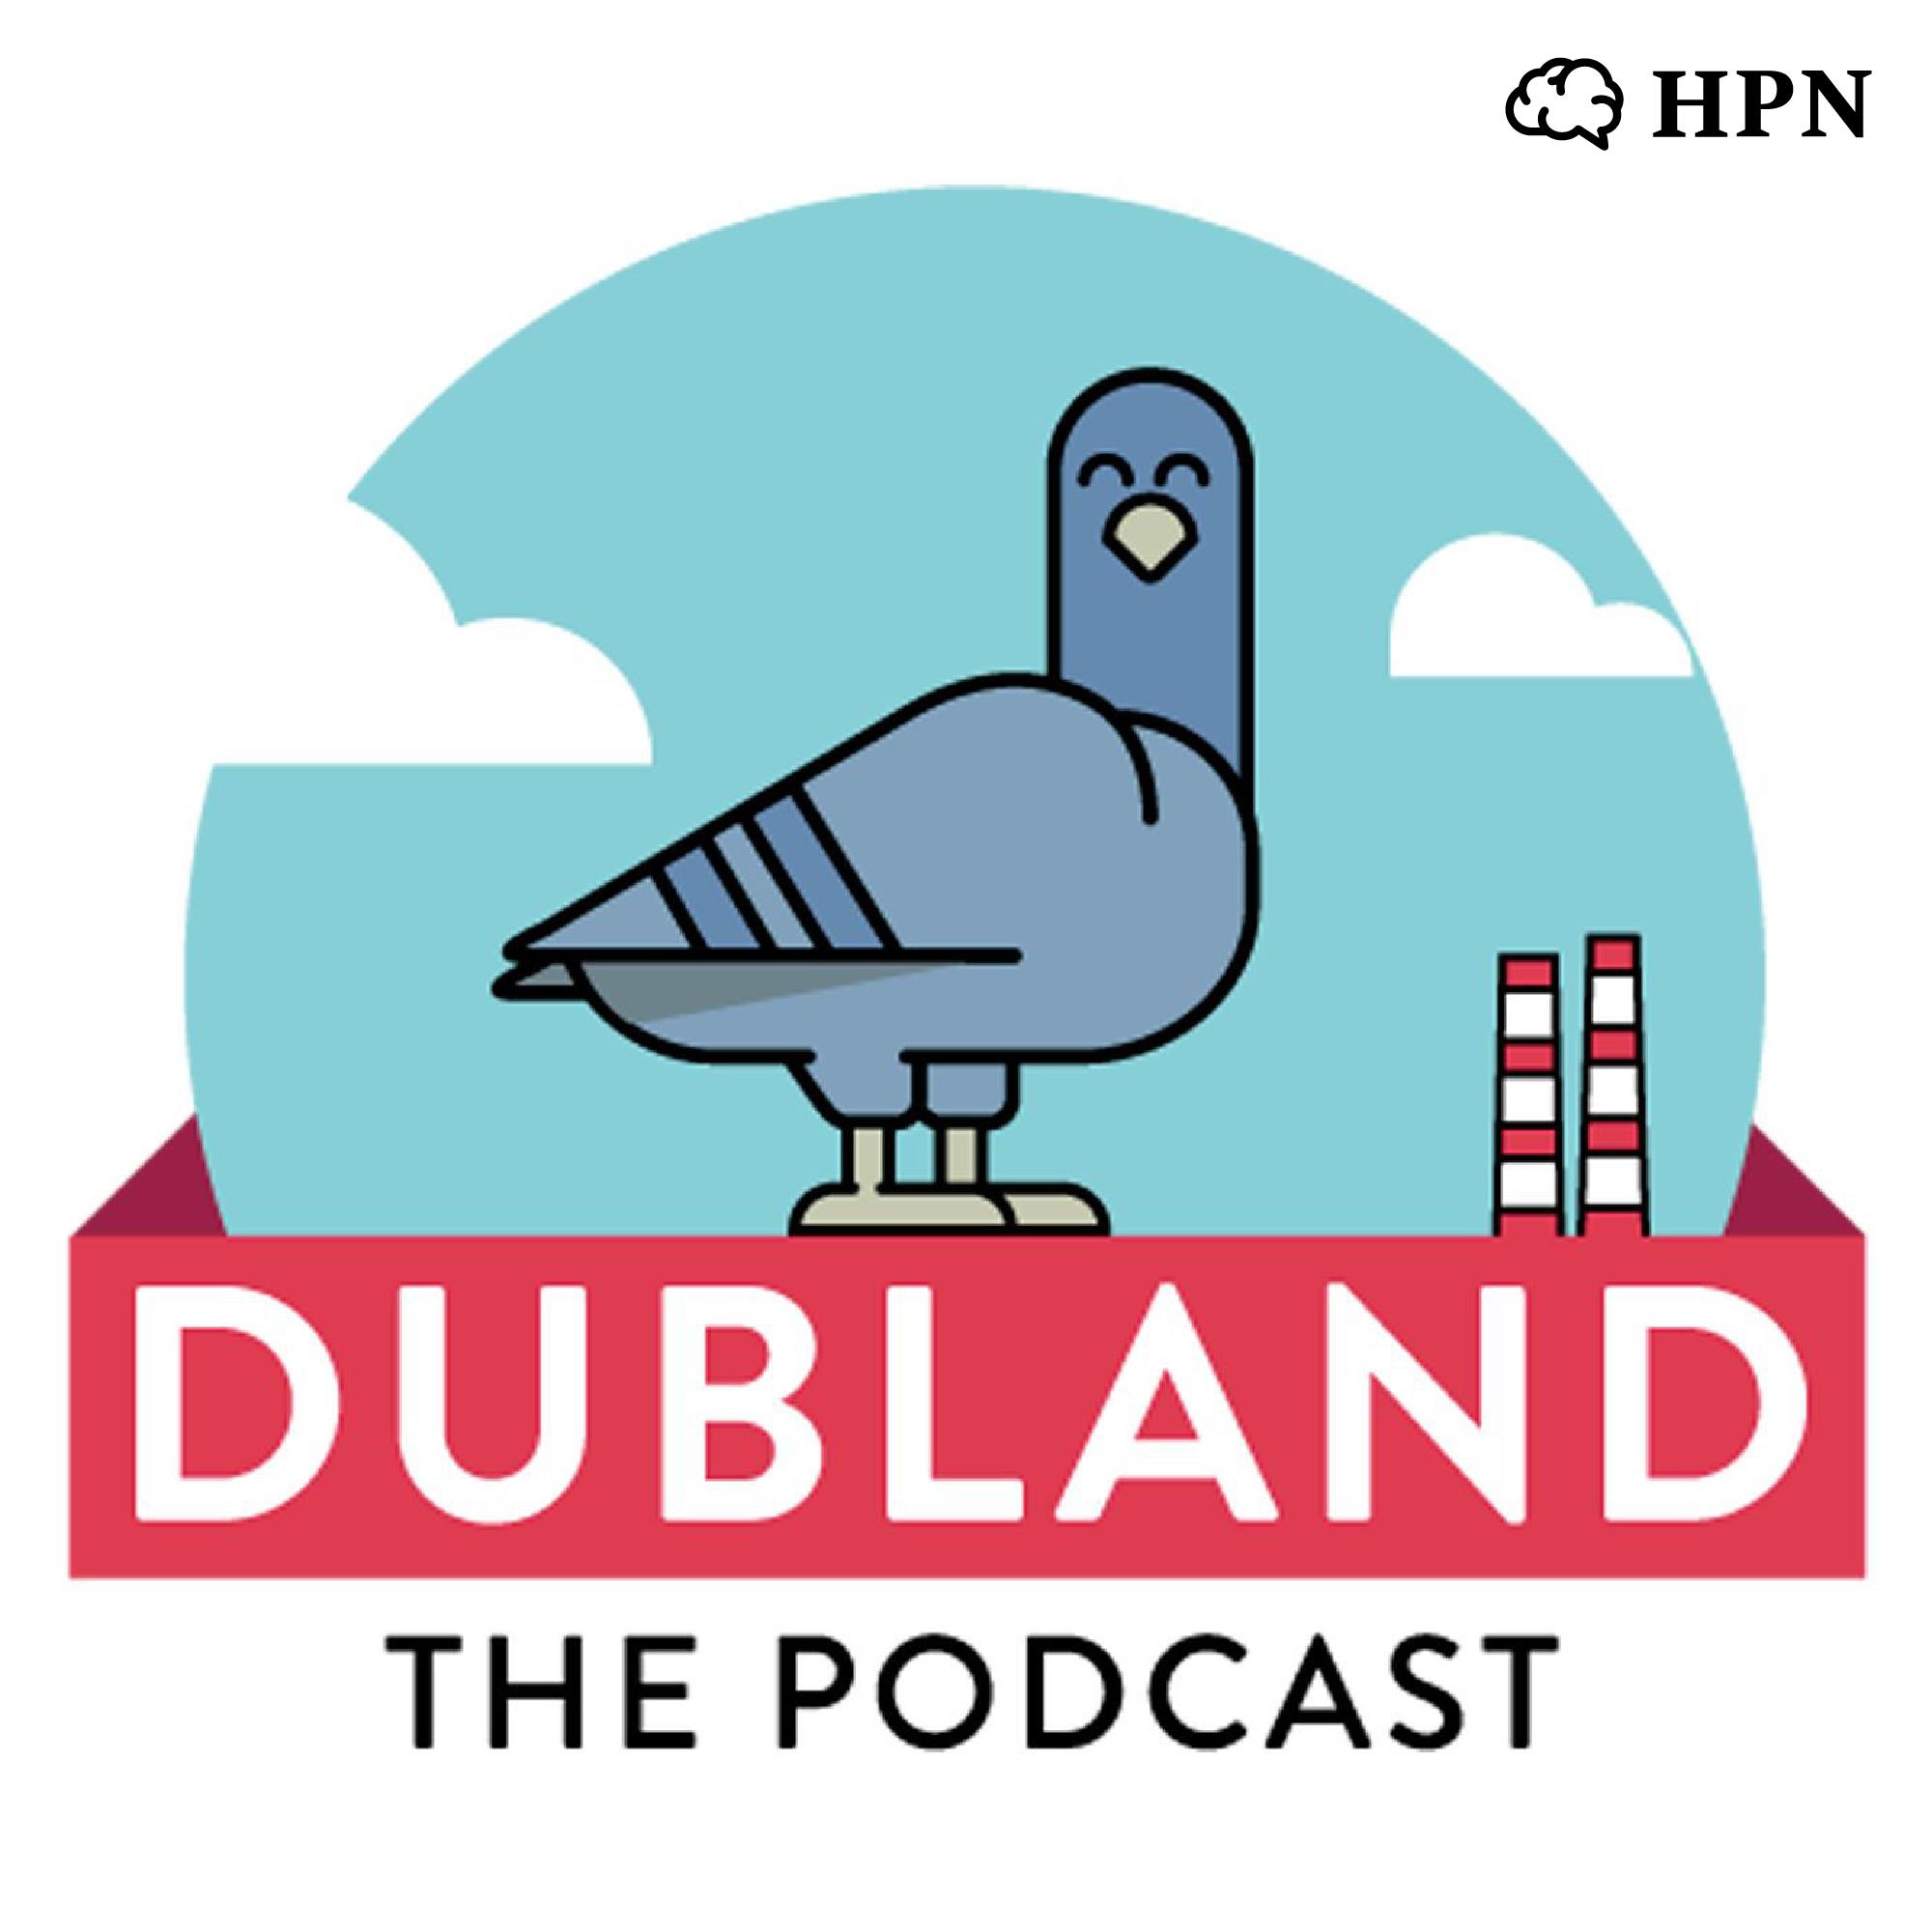 DUBLAND The Podcast